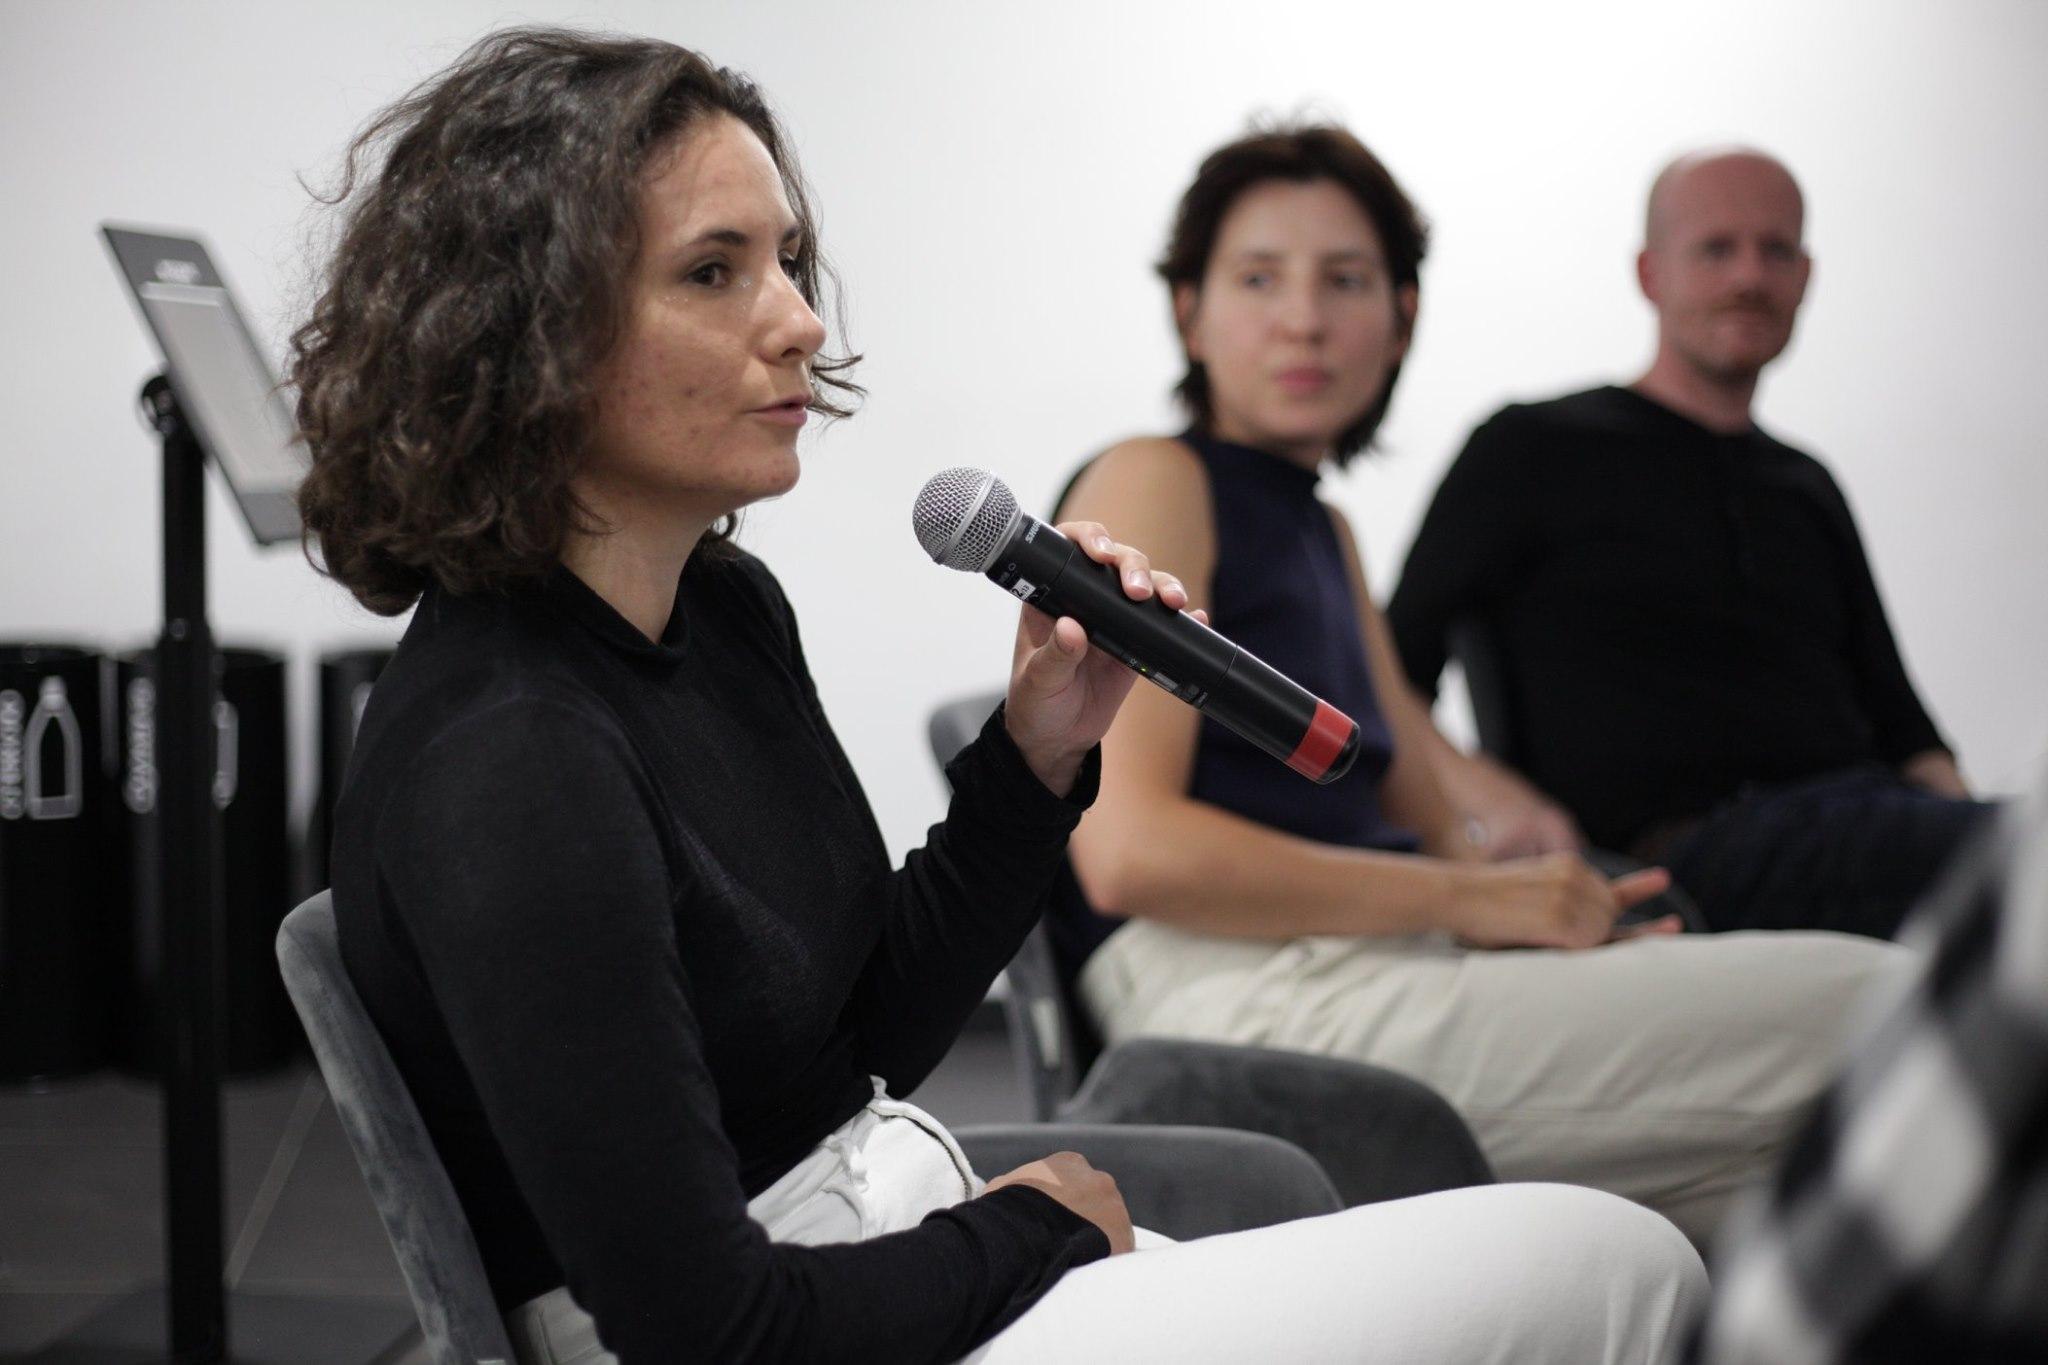 Анна Леонова, Ольга Корсун и Михаил Железников.Фотография Солмаз Гусейновой